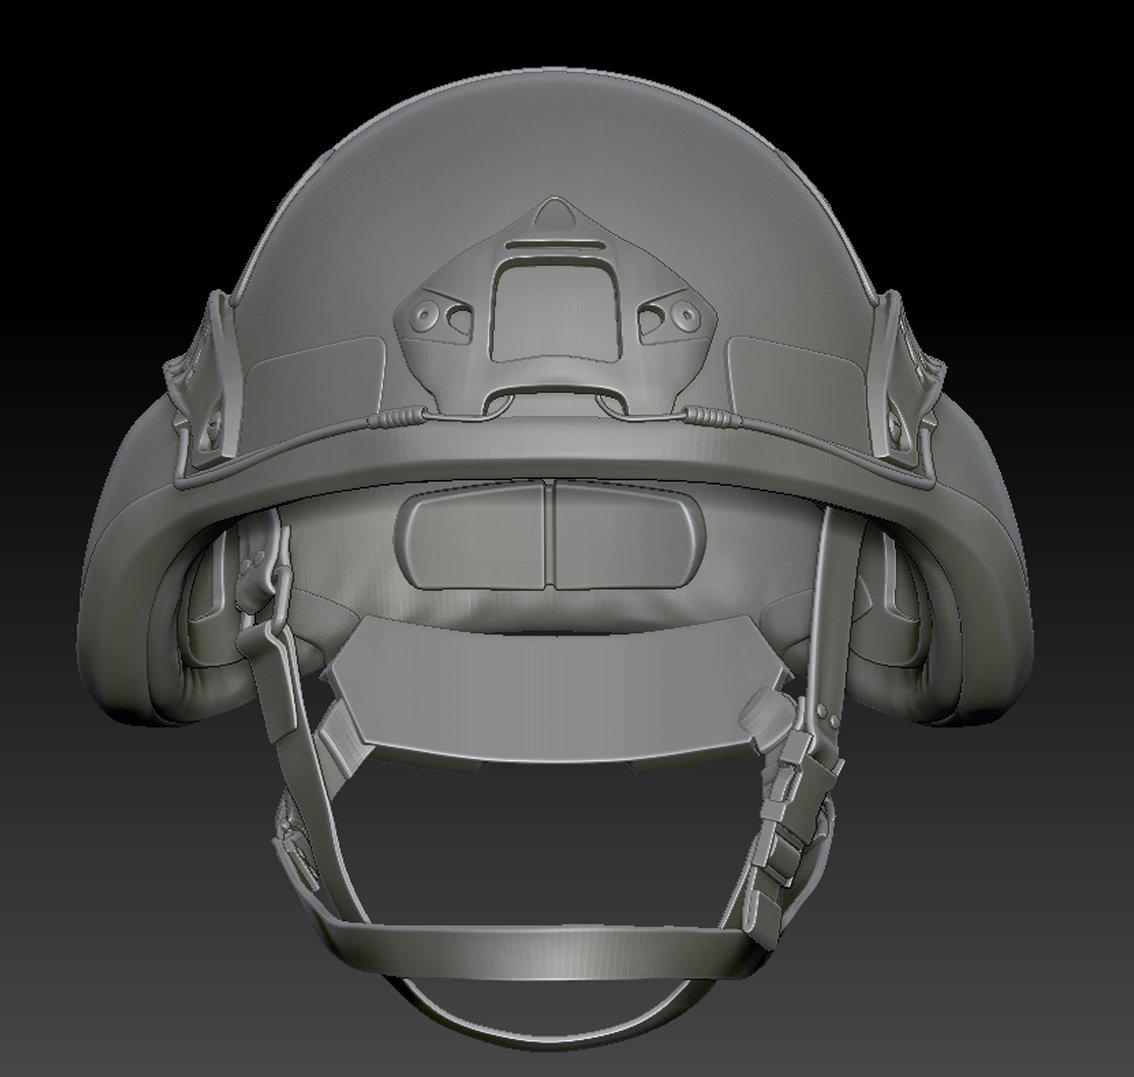 Militaryhelmet 3D Model in Accessories 3DExport